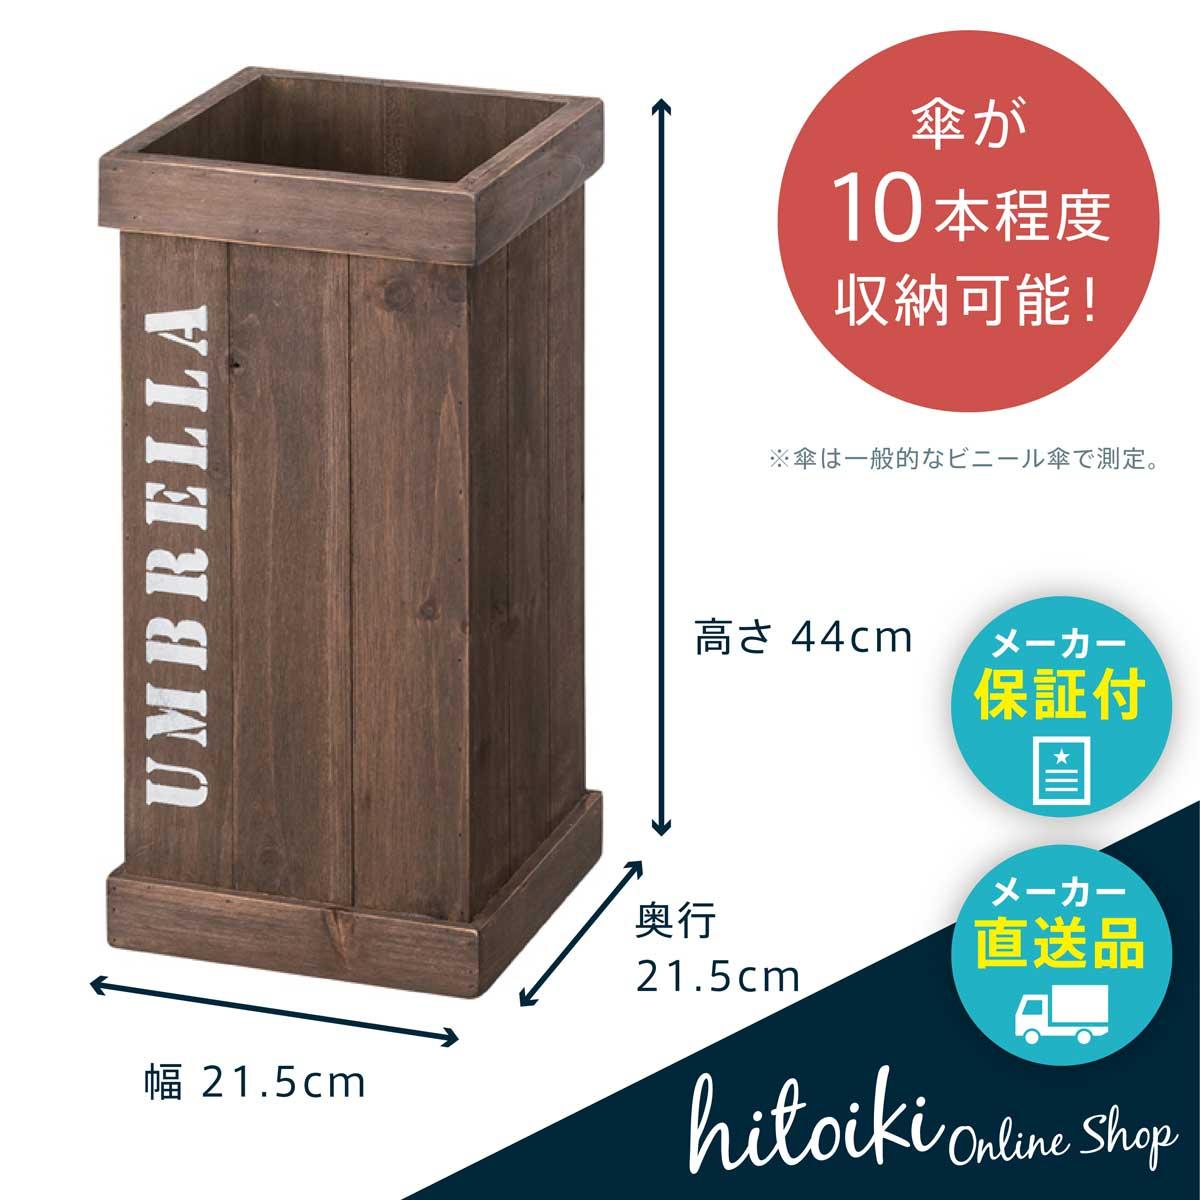 【送料無料】木製傘立て・雨具入れ・ゴミ箱(LFS-474BR)おしゃれで人気のアイテム!玄関やリビングに美しい木目を。 hitoikionlineshop_lfs-474br_02